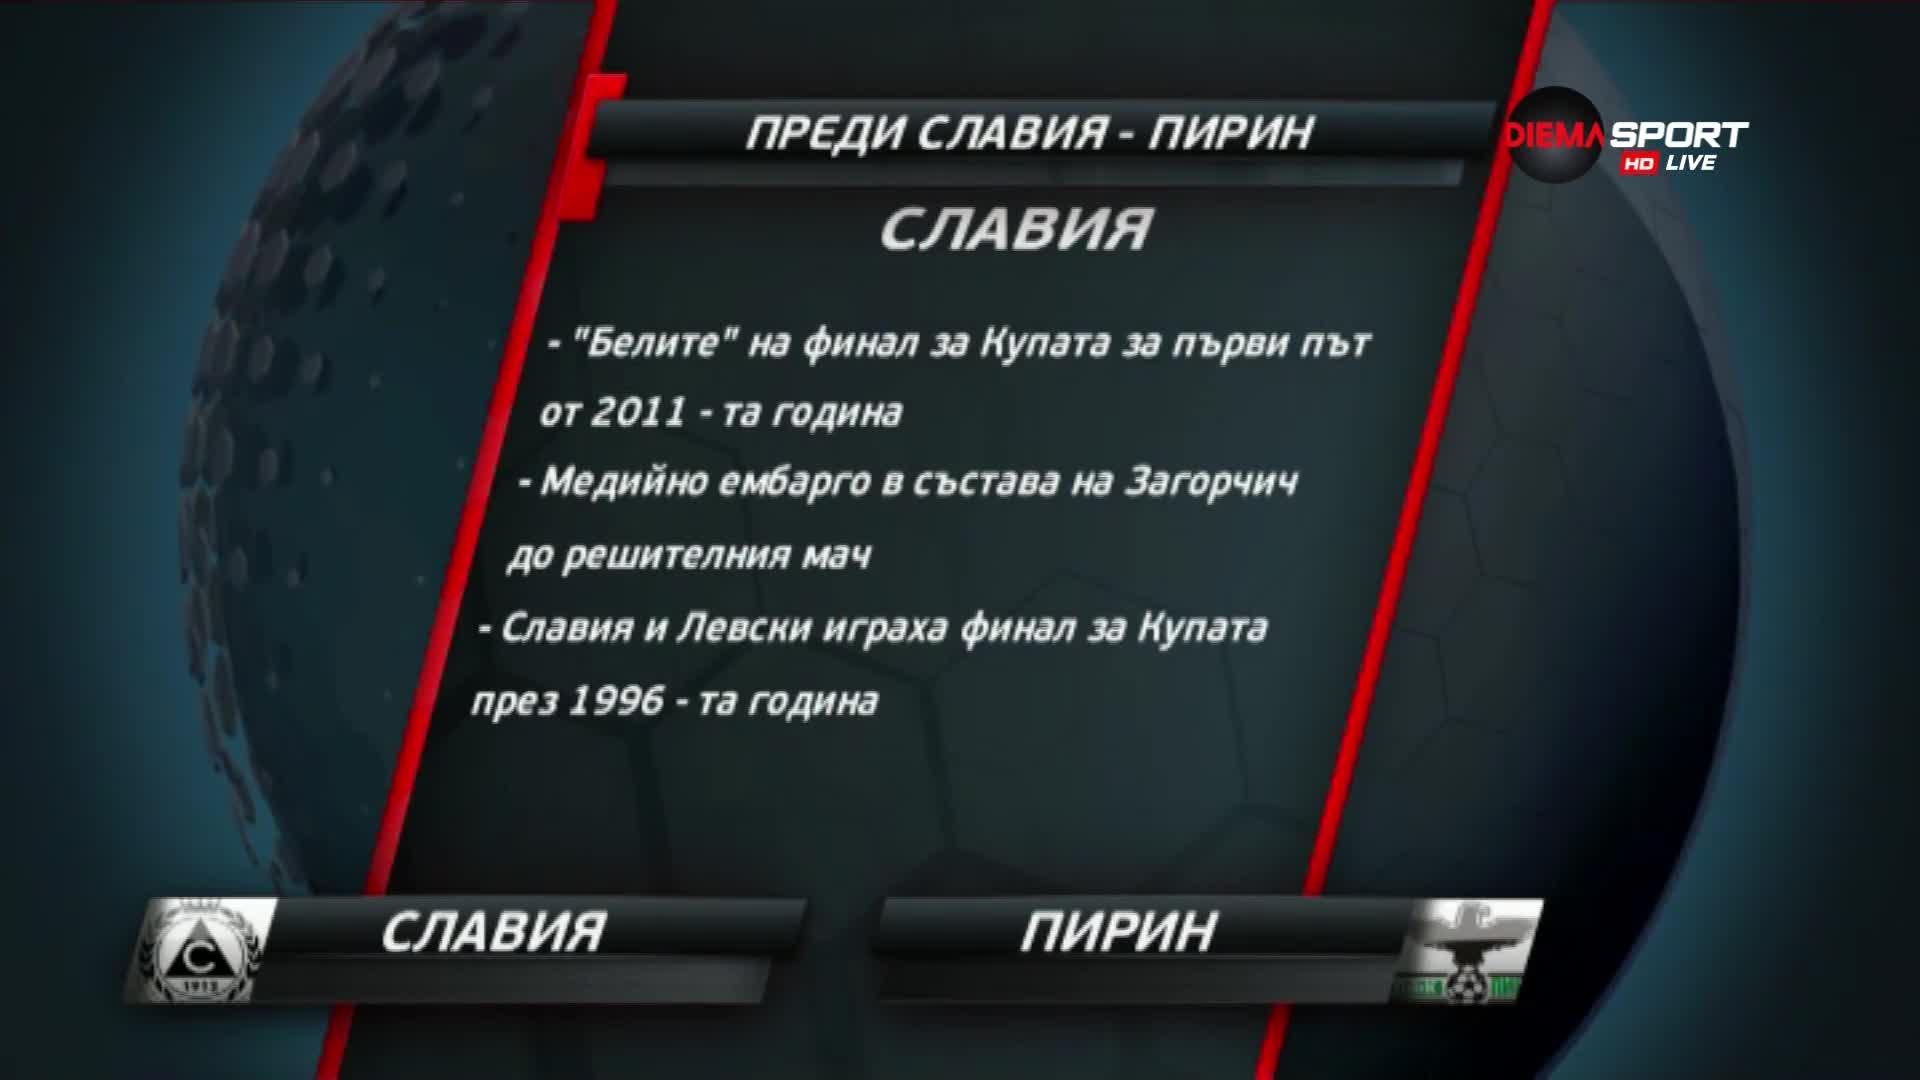 Славия и Пирин затварят Група А на втората осмица